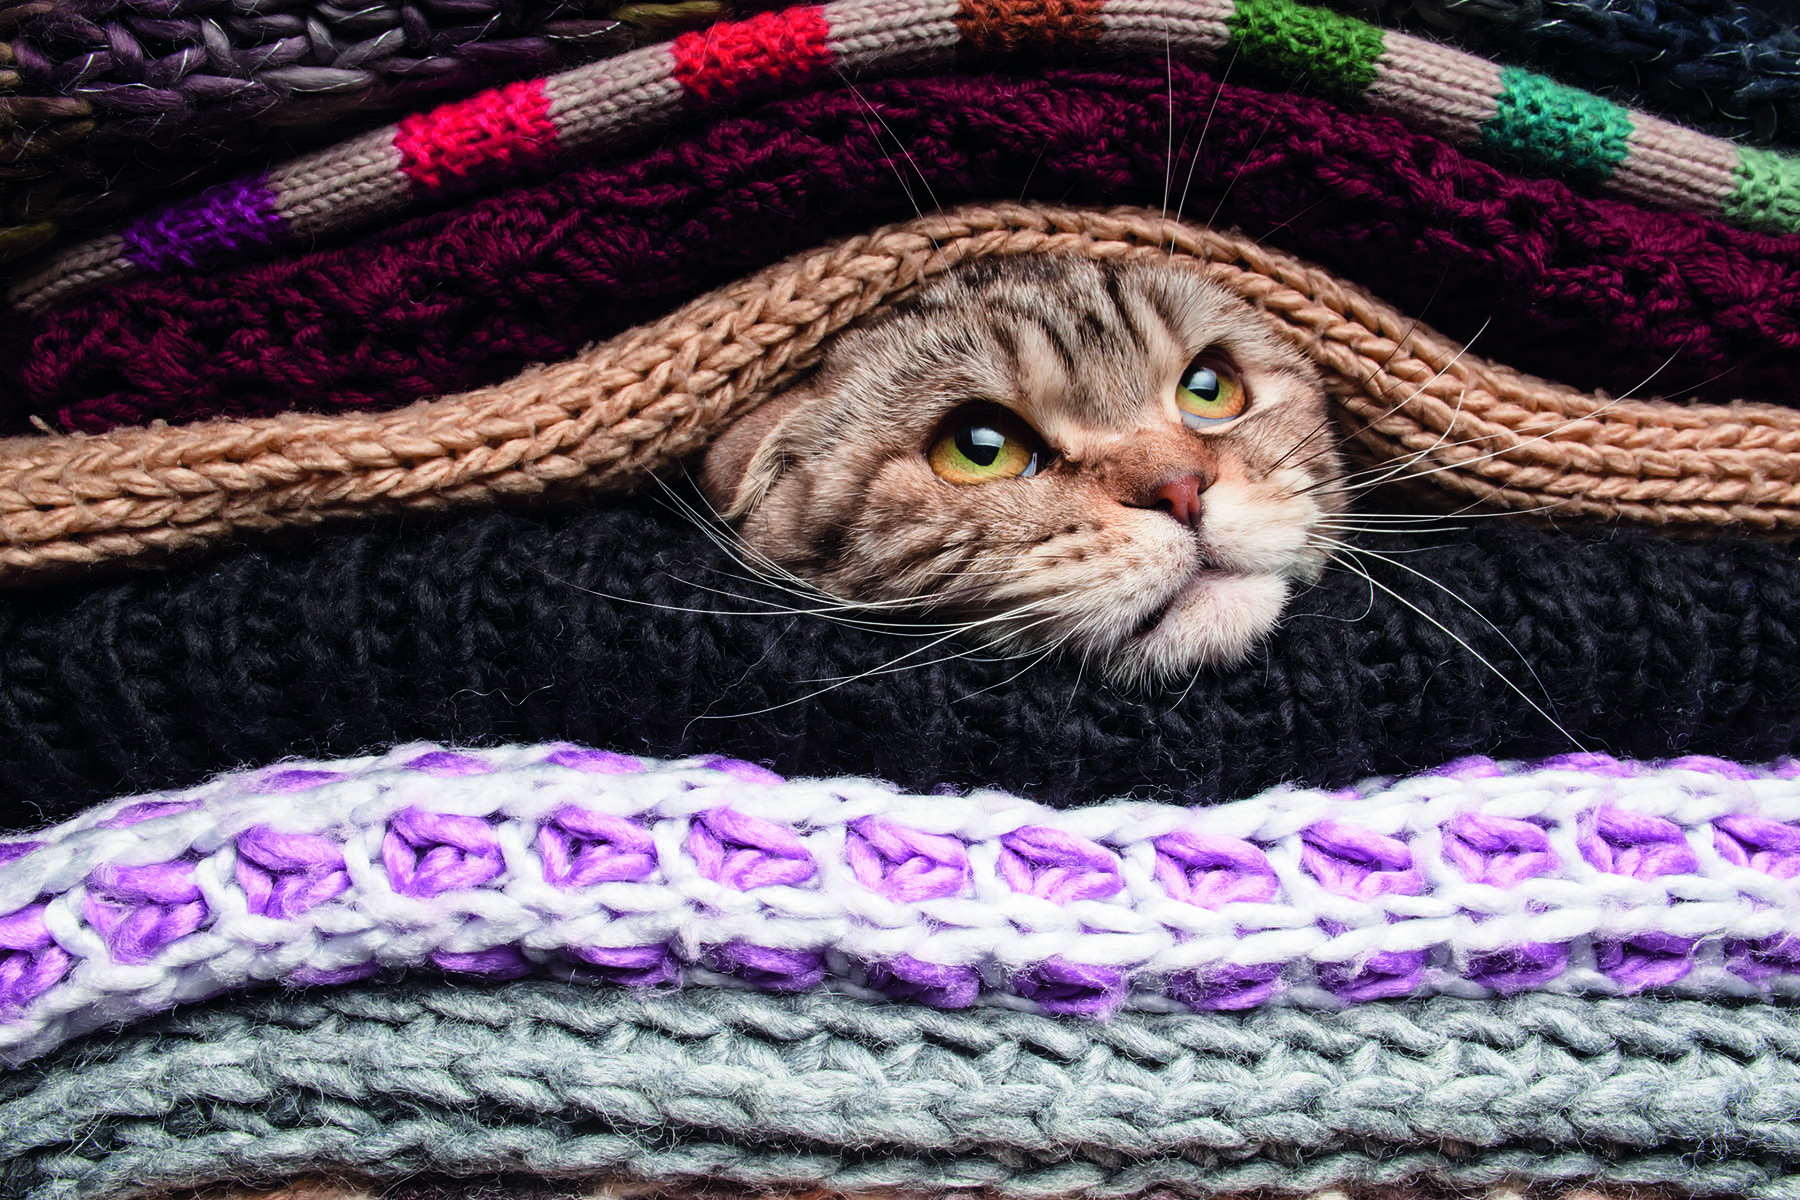 En katt som tittar fram gömd mellan tröjorna på en hylla